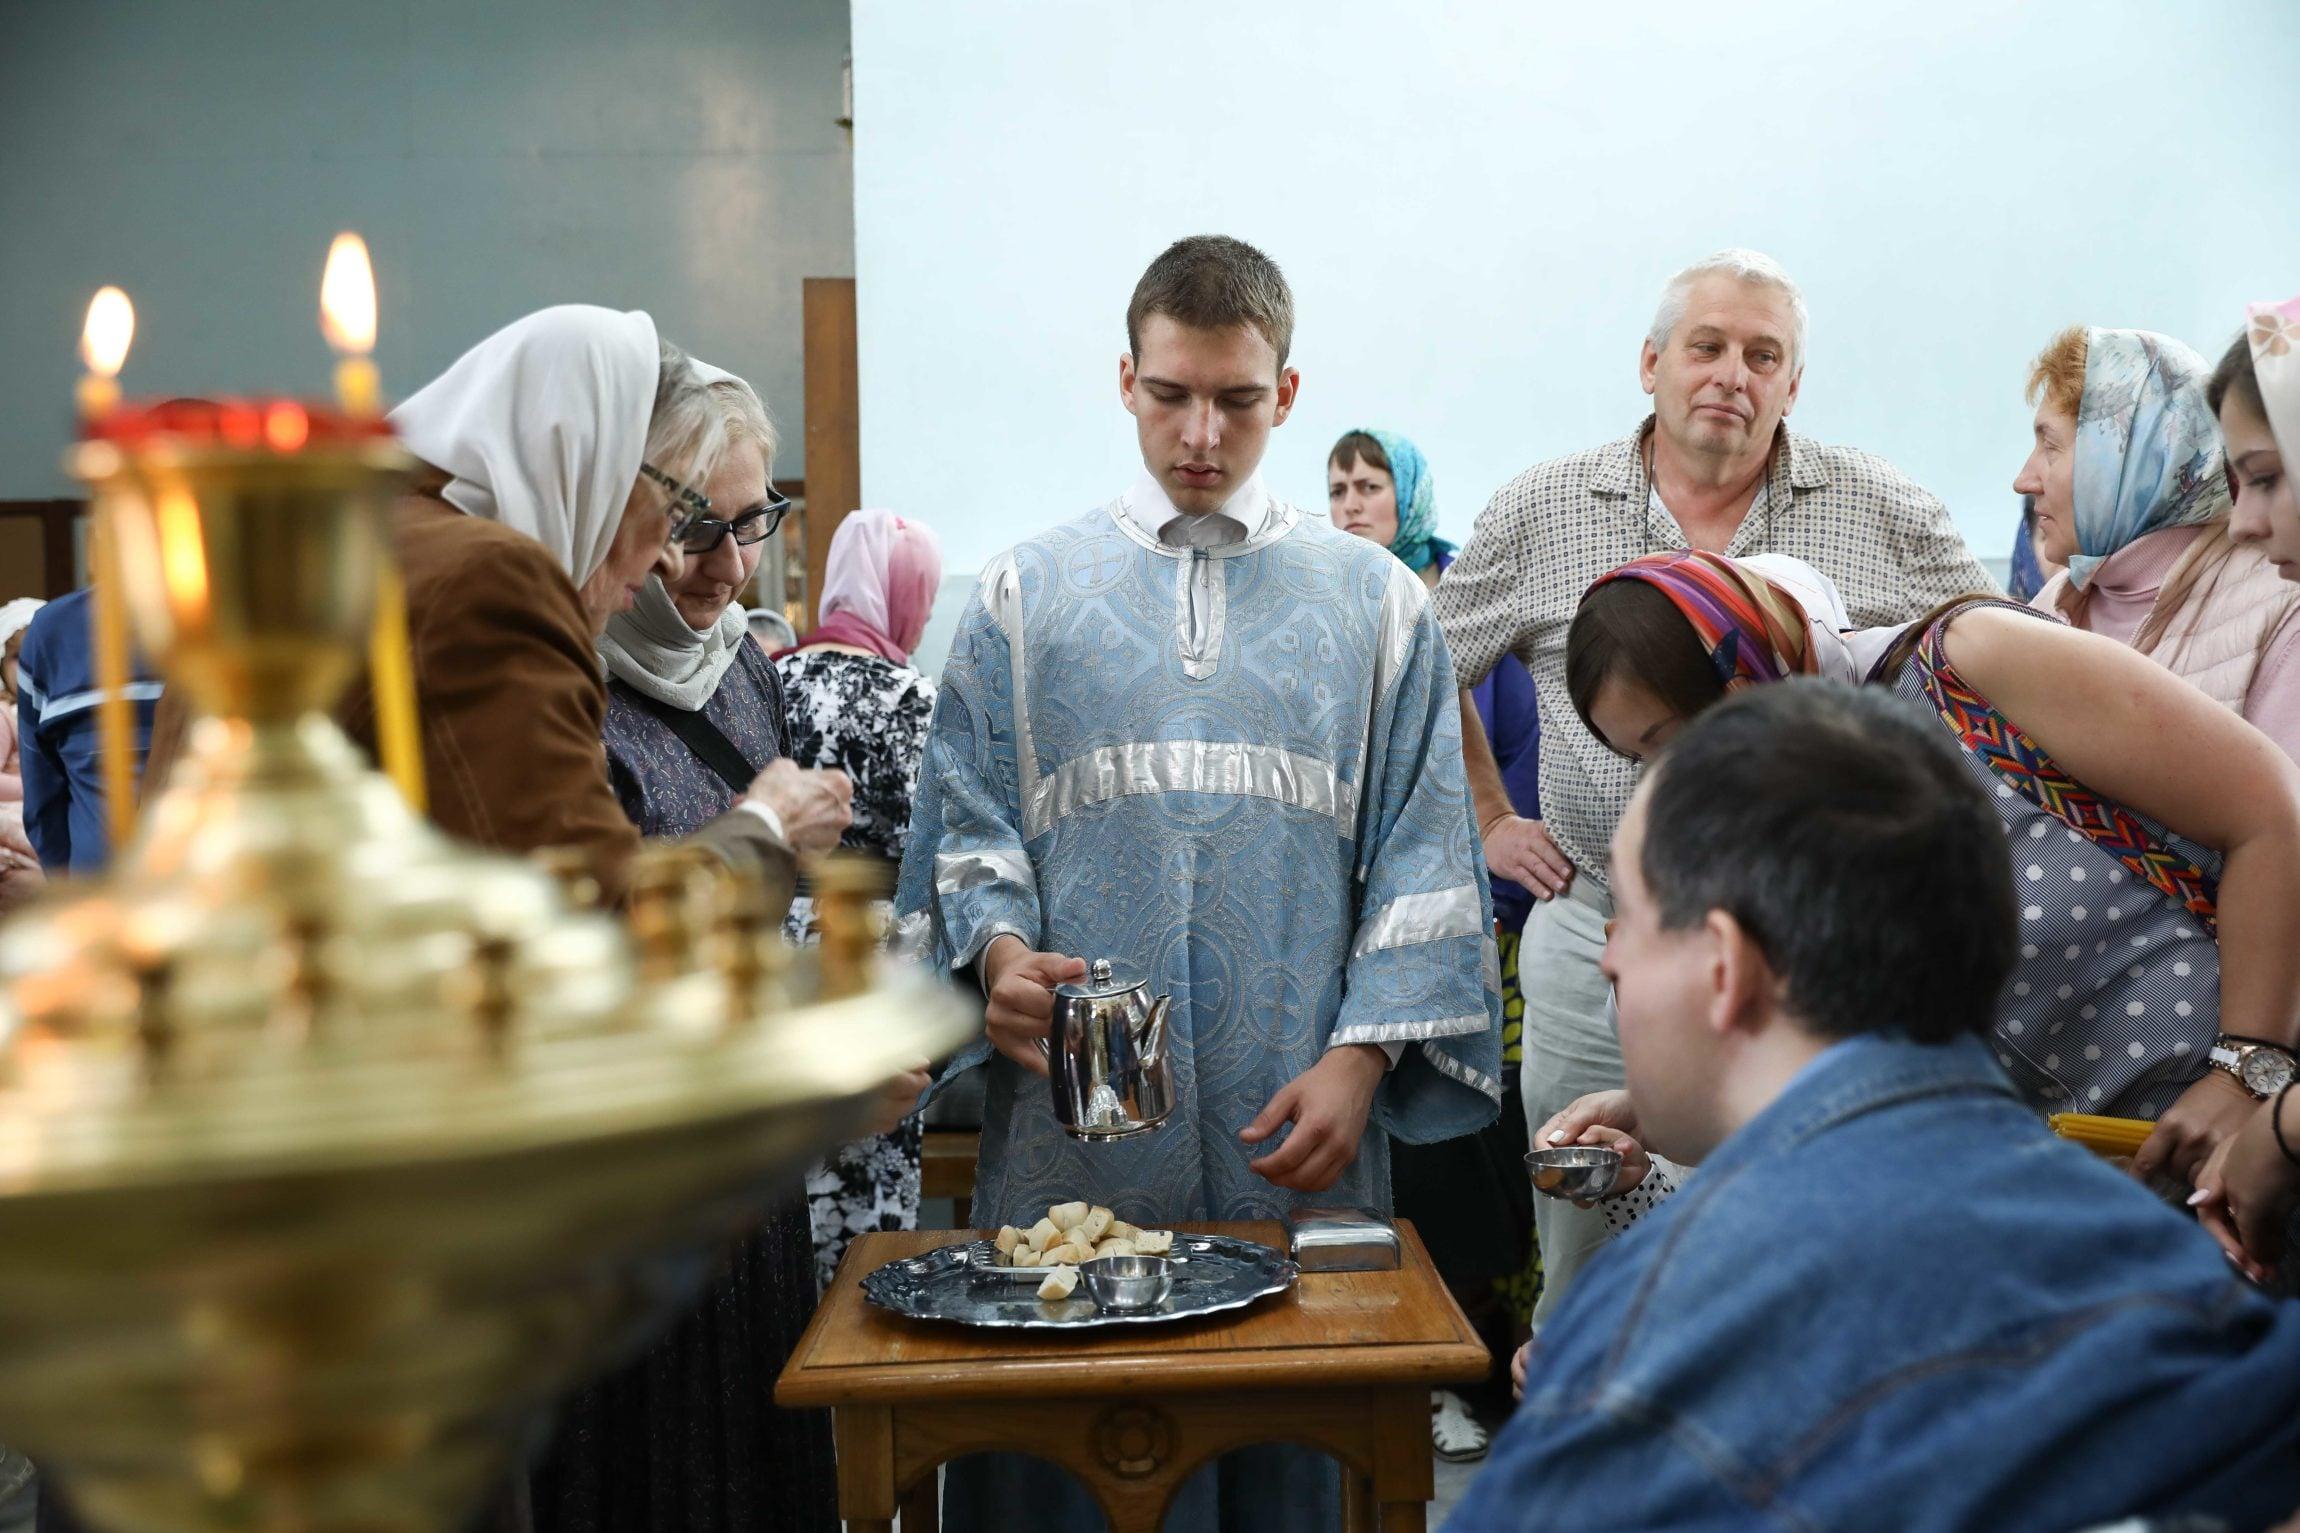 http://monuspen.ru/photoreports/300a33e78ae43bf112005df432bc34h6.jpg